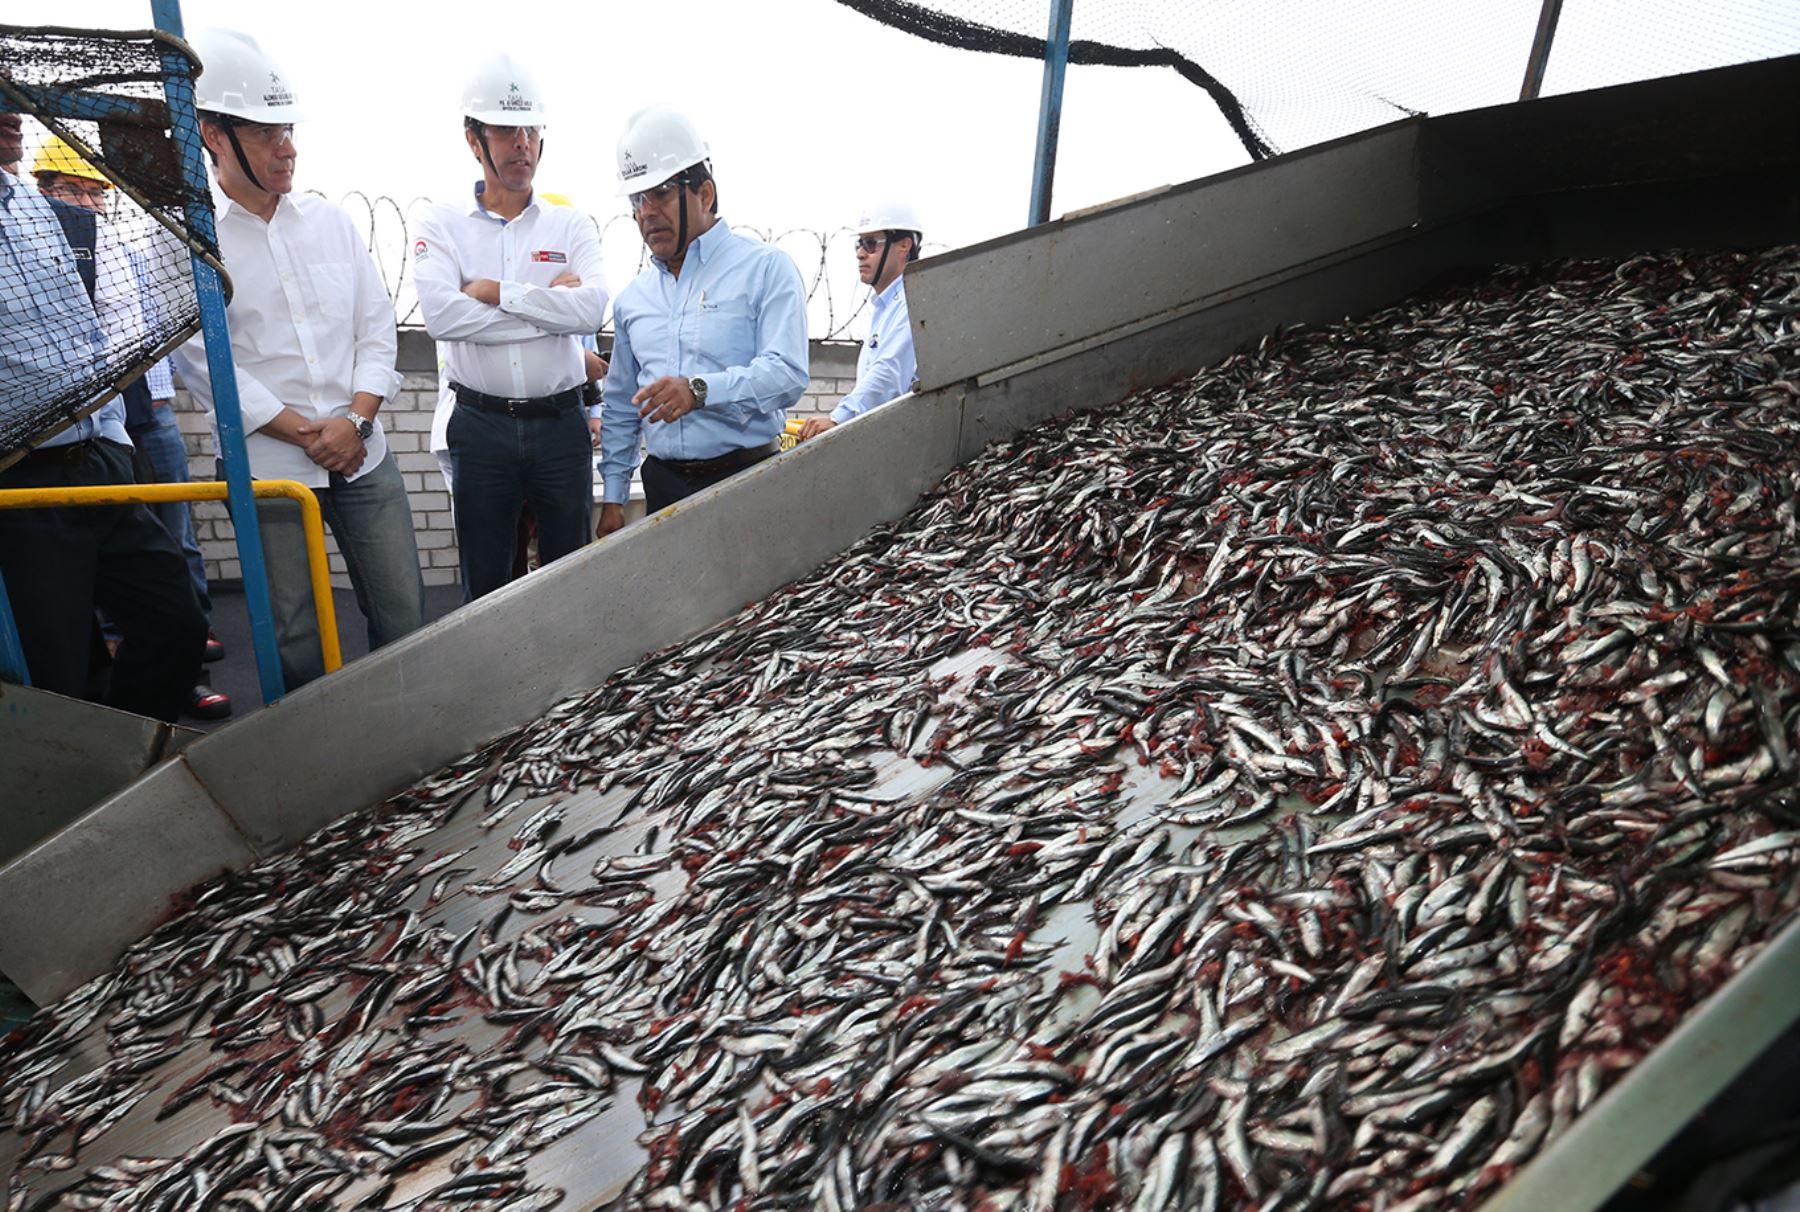 La pesca en el mes de abril habría aumentado considerablemente la economía peruana